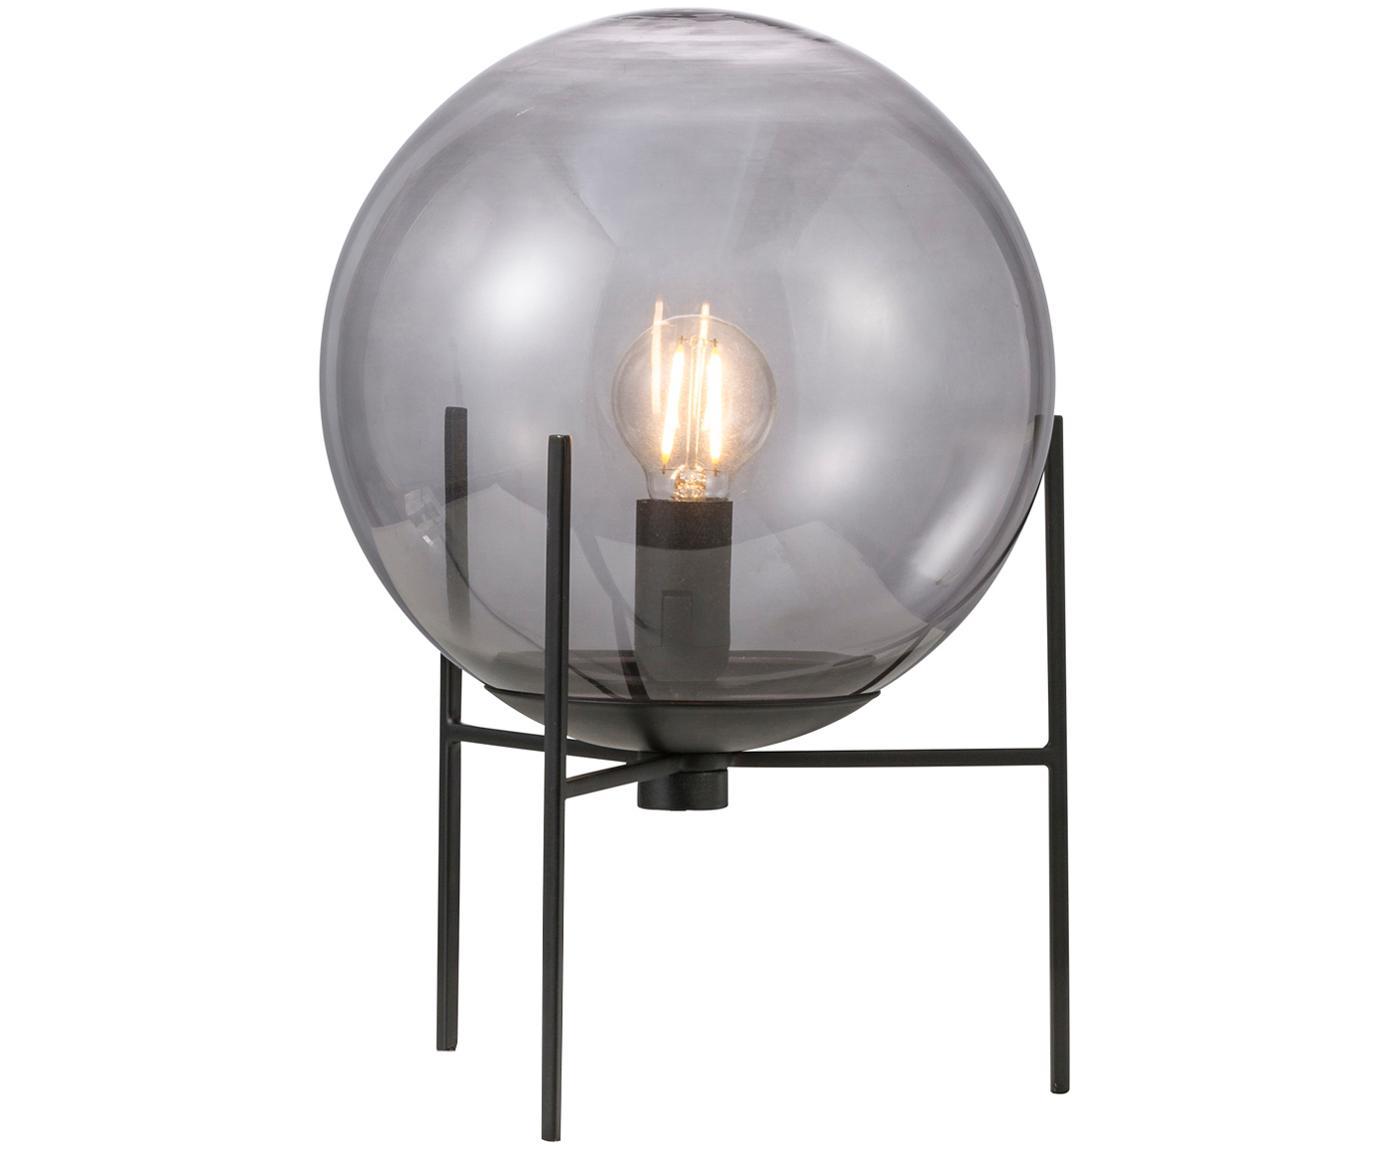 Tischleuchte Alton, Lampenschirm: Glas, Gestell: Metall, beschichtet, Schwarz, Grau, transparent, Ø 20 x H 29 cm